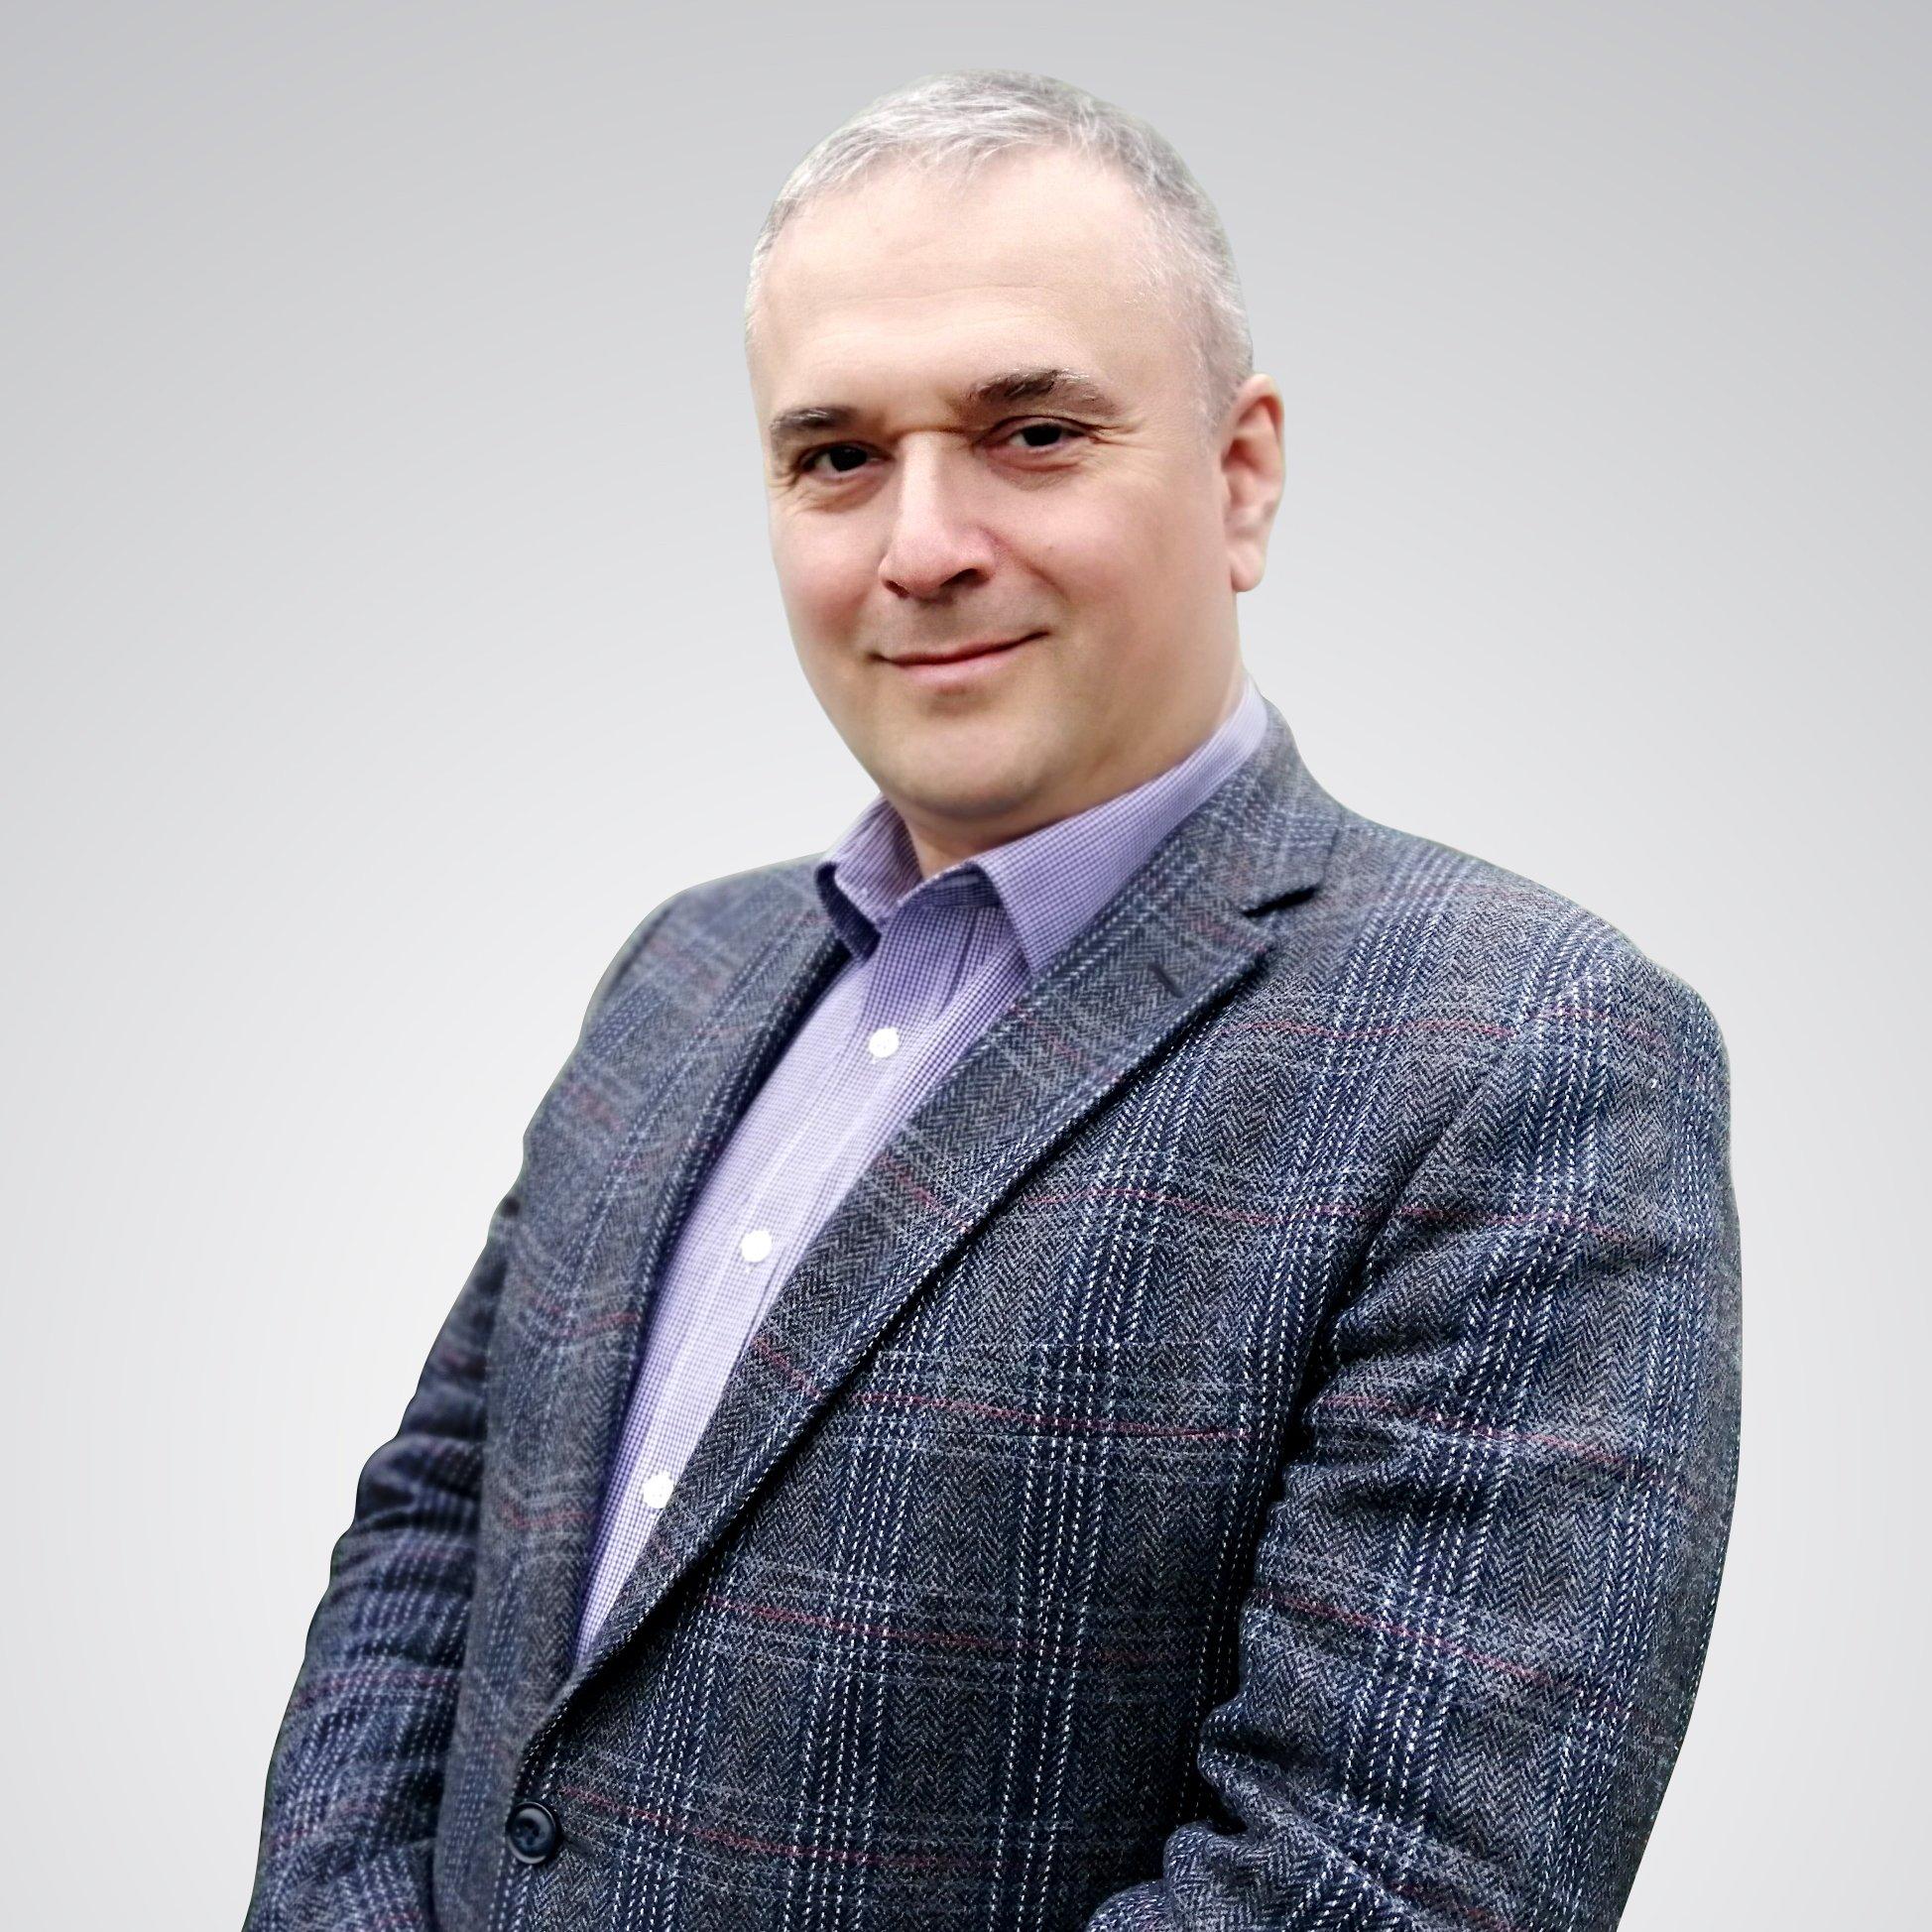 Андрей Юршев, Рублево-Архангельское